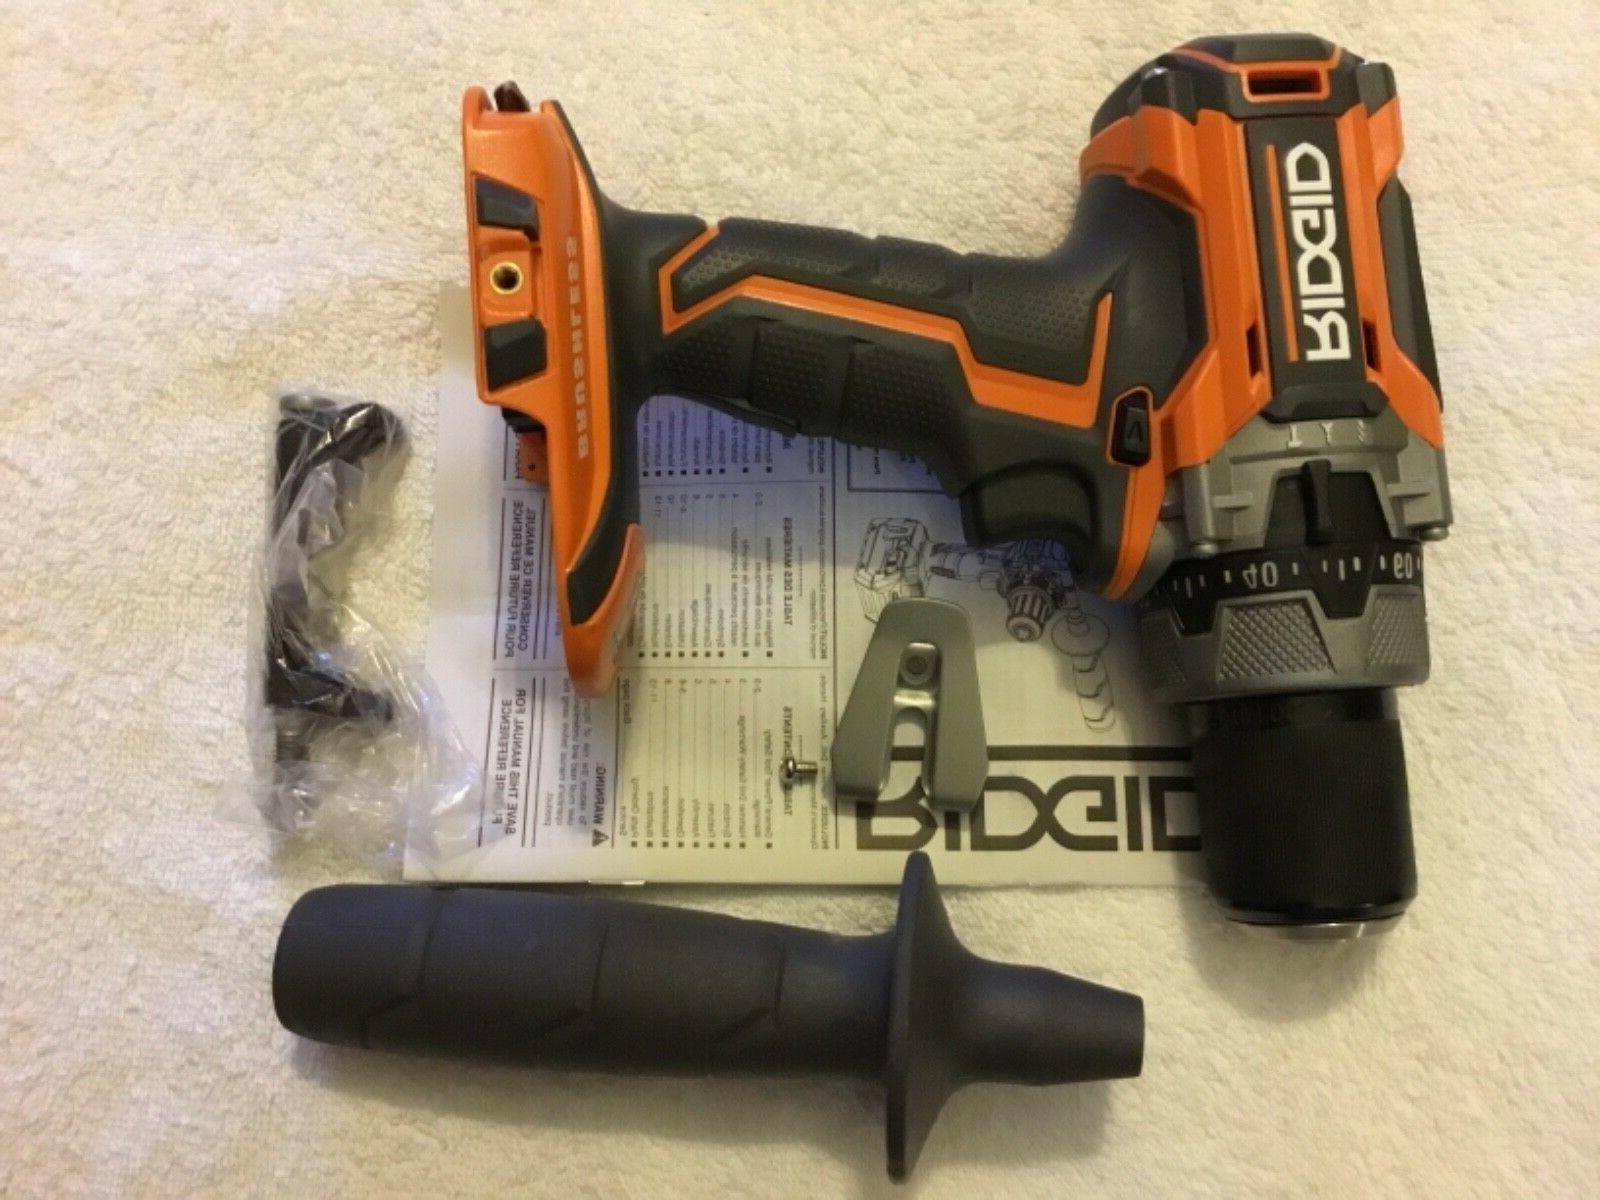 New R86116 18 Gen5X Hammer Drill Driver Li-ion